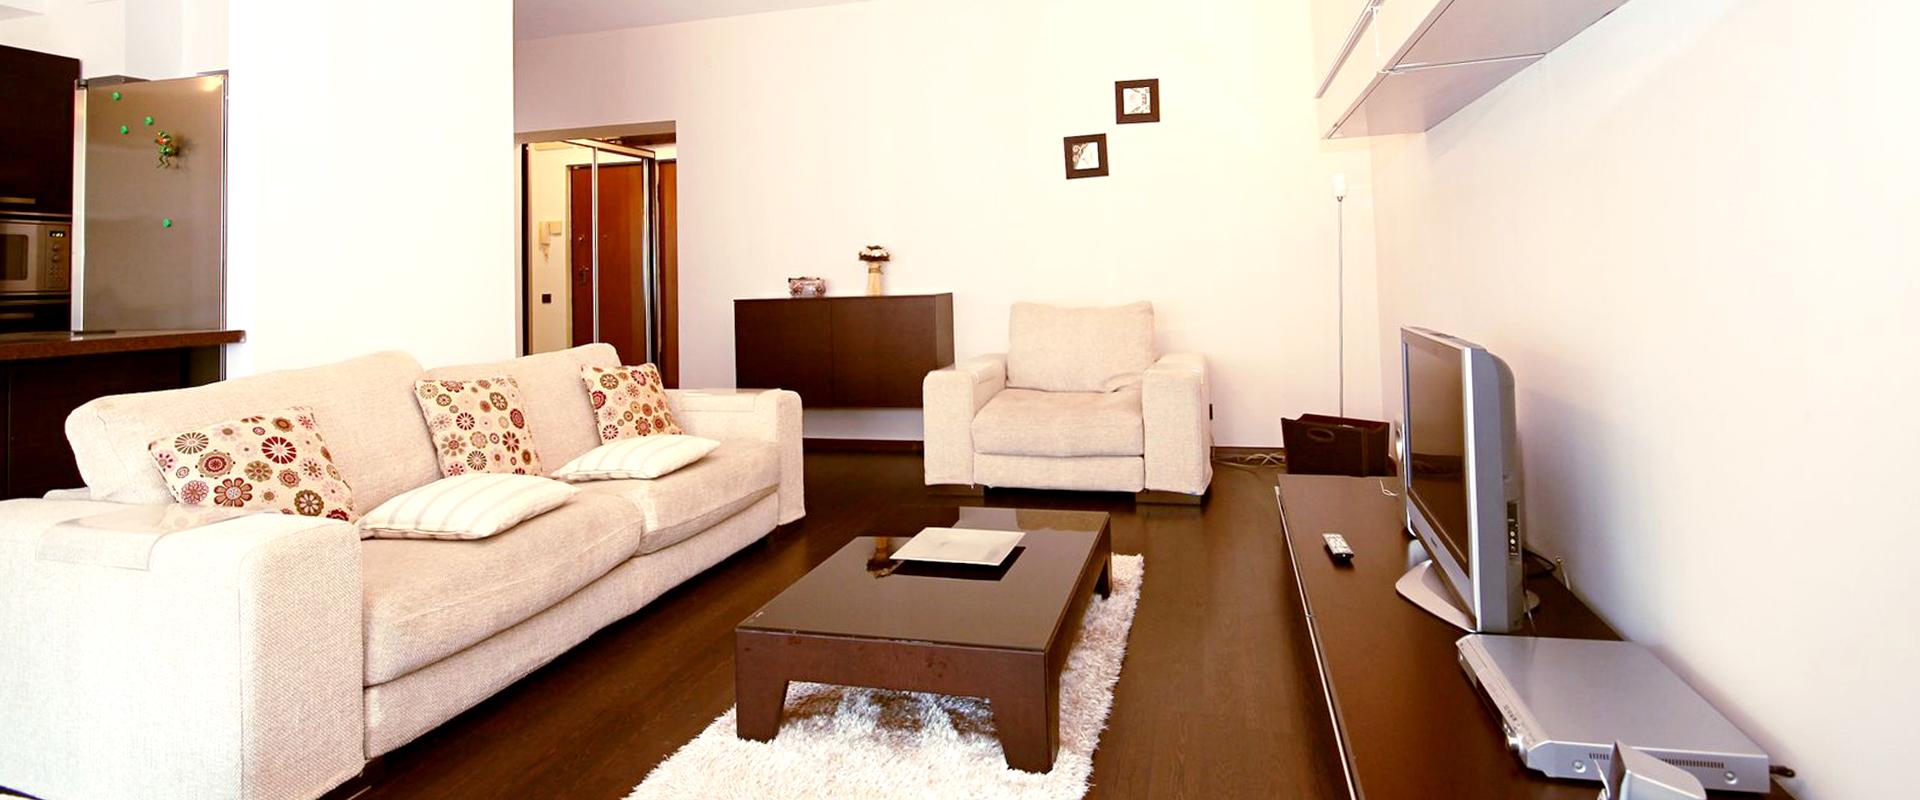 Vanzare apartament 3 camere | Premium, 2 Parcari | Central Park. Comision 0%! [ID: 1065649]